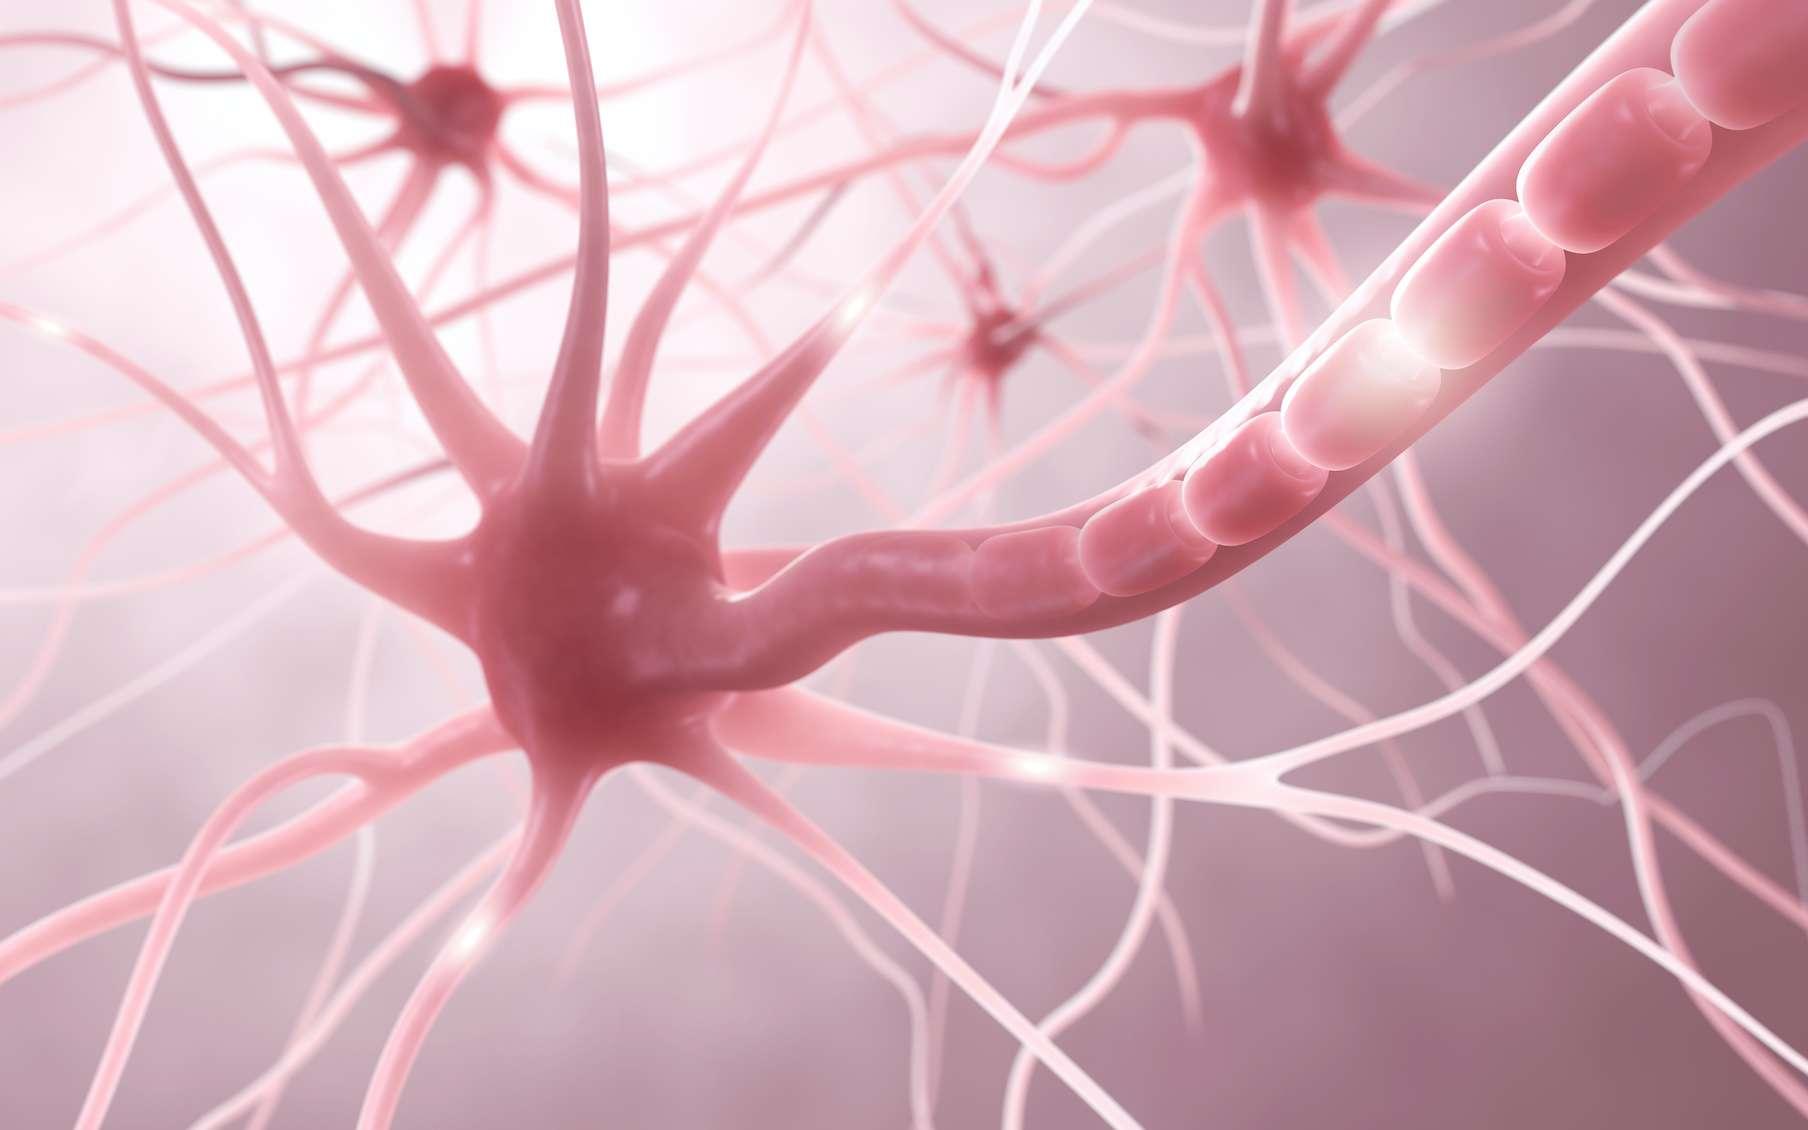 La maladie de Krabbe est une maladie génétique liée à un déficit de myéline du système nerveux central et périphérique. © ag visuell, Adobe Stock